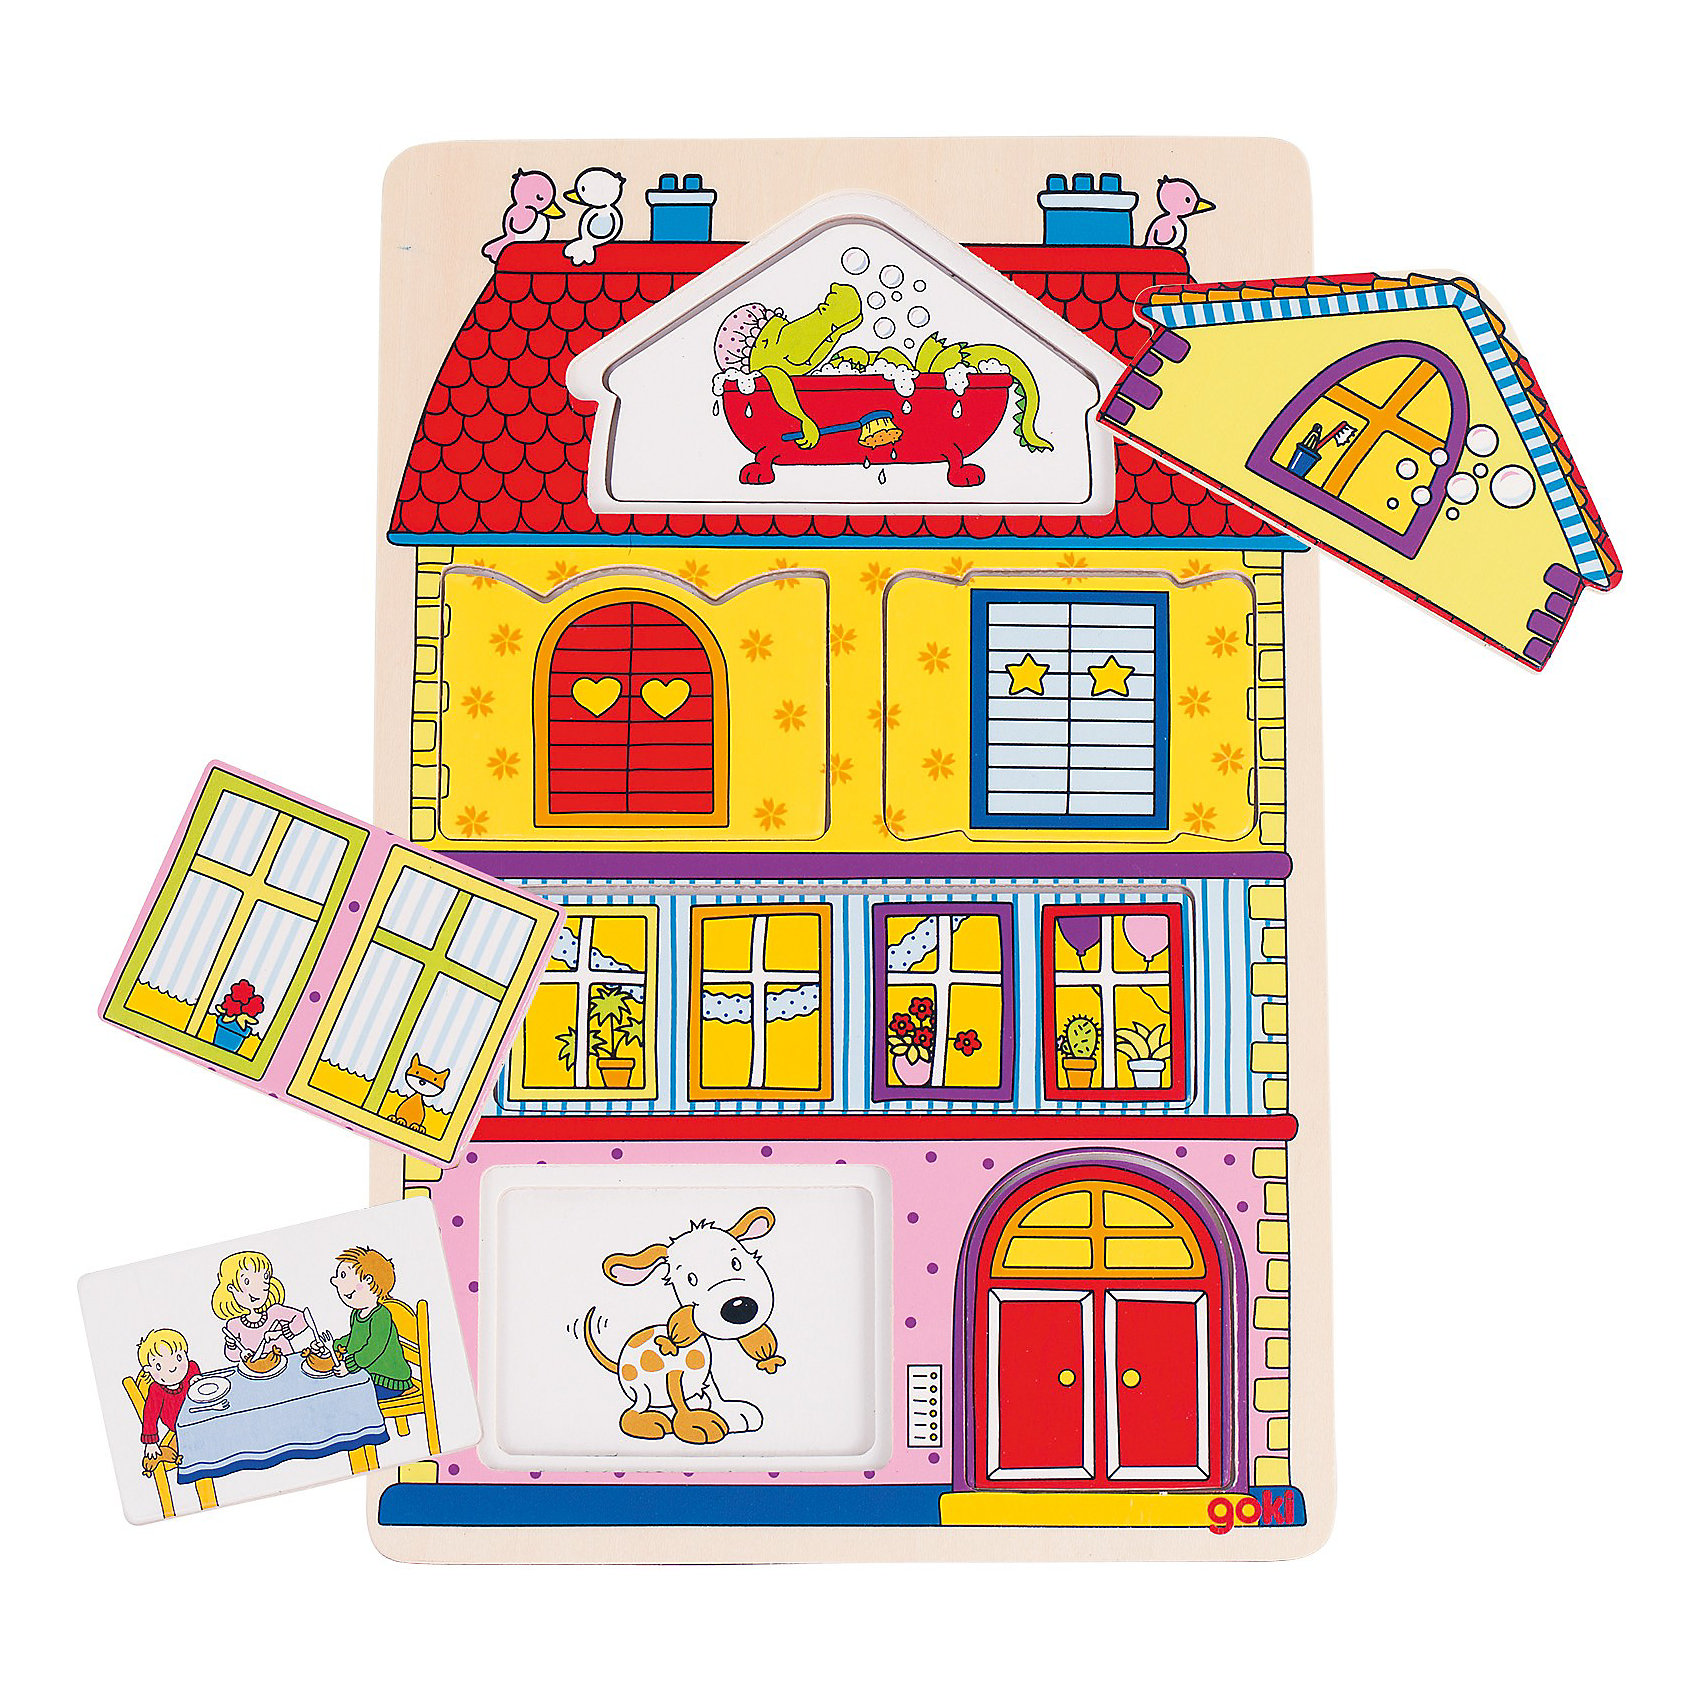 Пазл трехслойный Наш дом, gokiМногослойные пазлы<br>Замечательная развивающая игрушка-загадка и, одновременно  пазл, наглядно рассказывает  ребенку о домашней жизни. Части пазла составляются только в определенном порядке. Это поможет ребенку в случае с затруднениями в угадывании правильного ответа. Игра развивает речь, память, моторику ребенка, расширяет кругозор. Пазл выполнен из натурального дерева, раскрашен нетоксичными красками на водной основе.<br><br>Дополнительная информация:<br><br>- 12 элементов.<br>- Материал: дерево.<br>- Размер: 19,5 х 29,5 см.<br>- Цвет: разноцветный.<br><br>Пазл трёхслойный Наш дом GOKI (Гоки) можно купить в нашем магазине.<br><br>Ширина мм: 195<br>Глубина мм: 295<br>Высота мм: 100<br>Вес г: 450<br>Возраст от месяцев: 24<br>Возраст до месяцев: 60<br>Пол: Унисекс<br>Возраст: Детский<br>SKU: 3876016